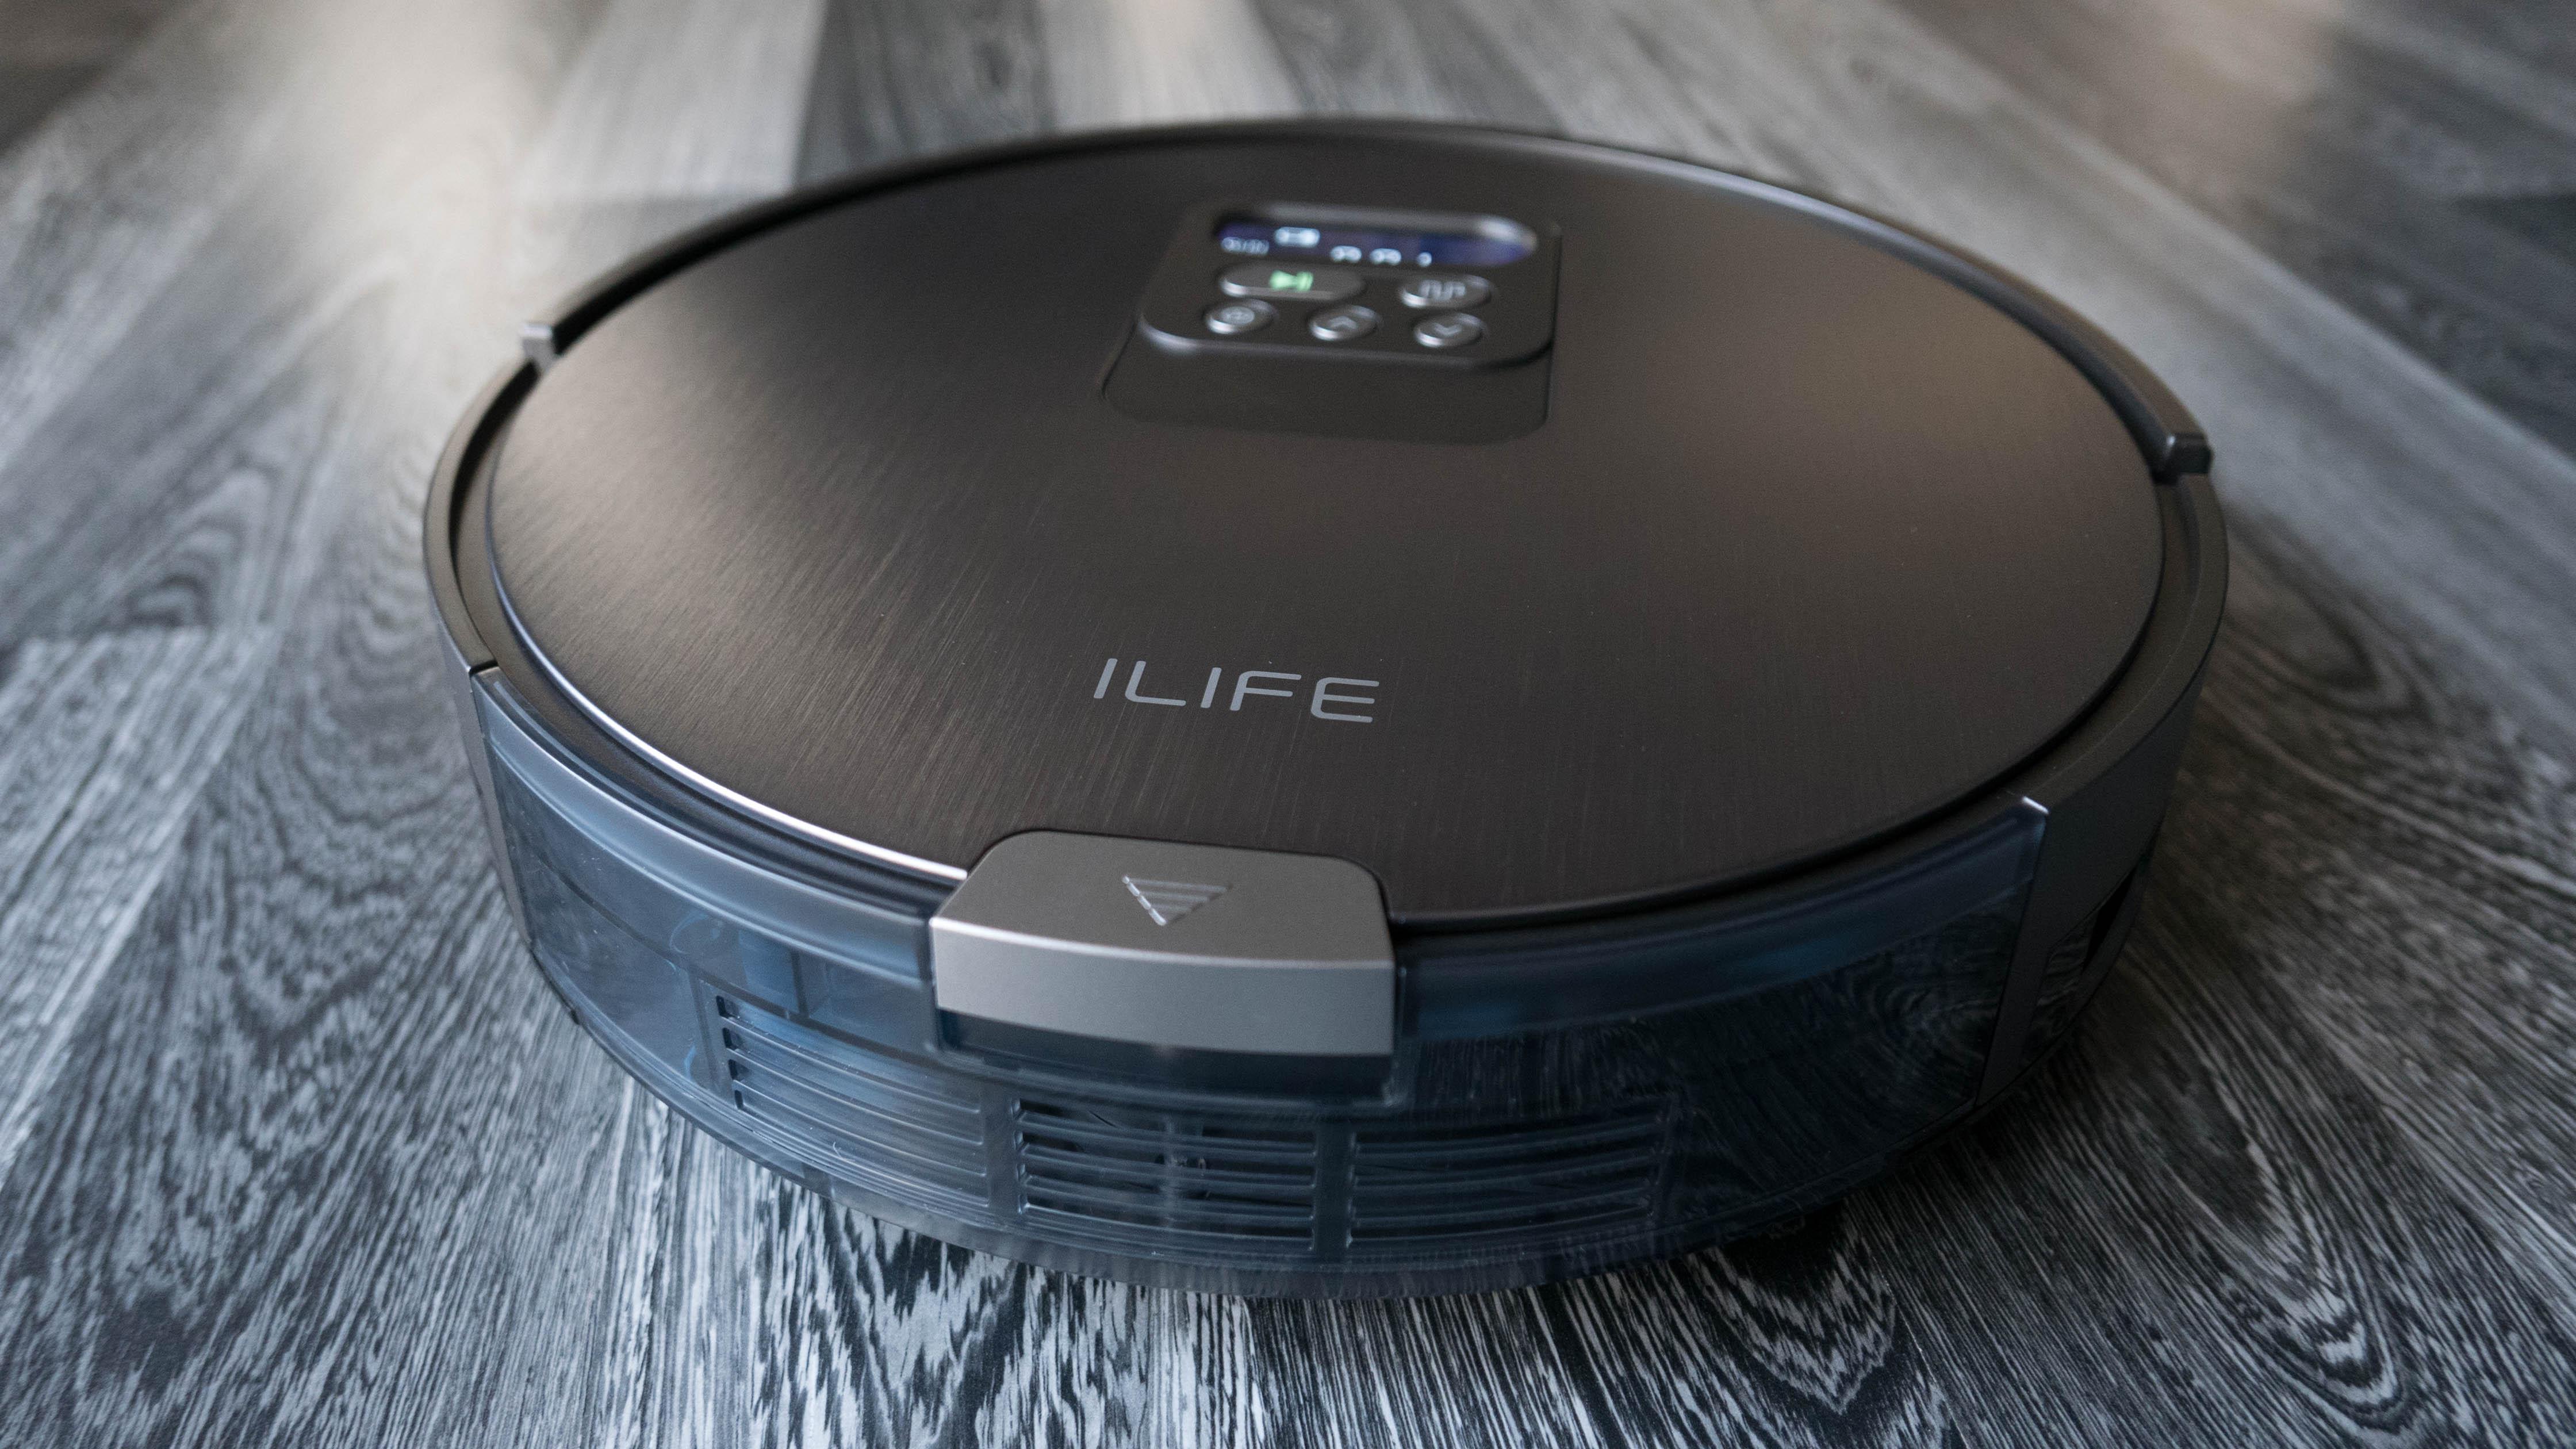 ILIFE V80 Details 7